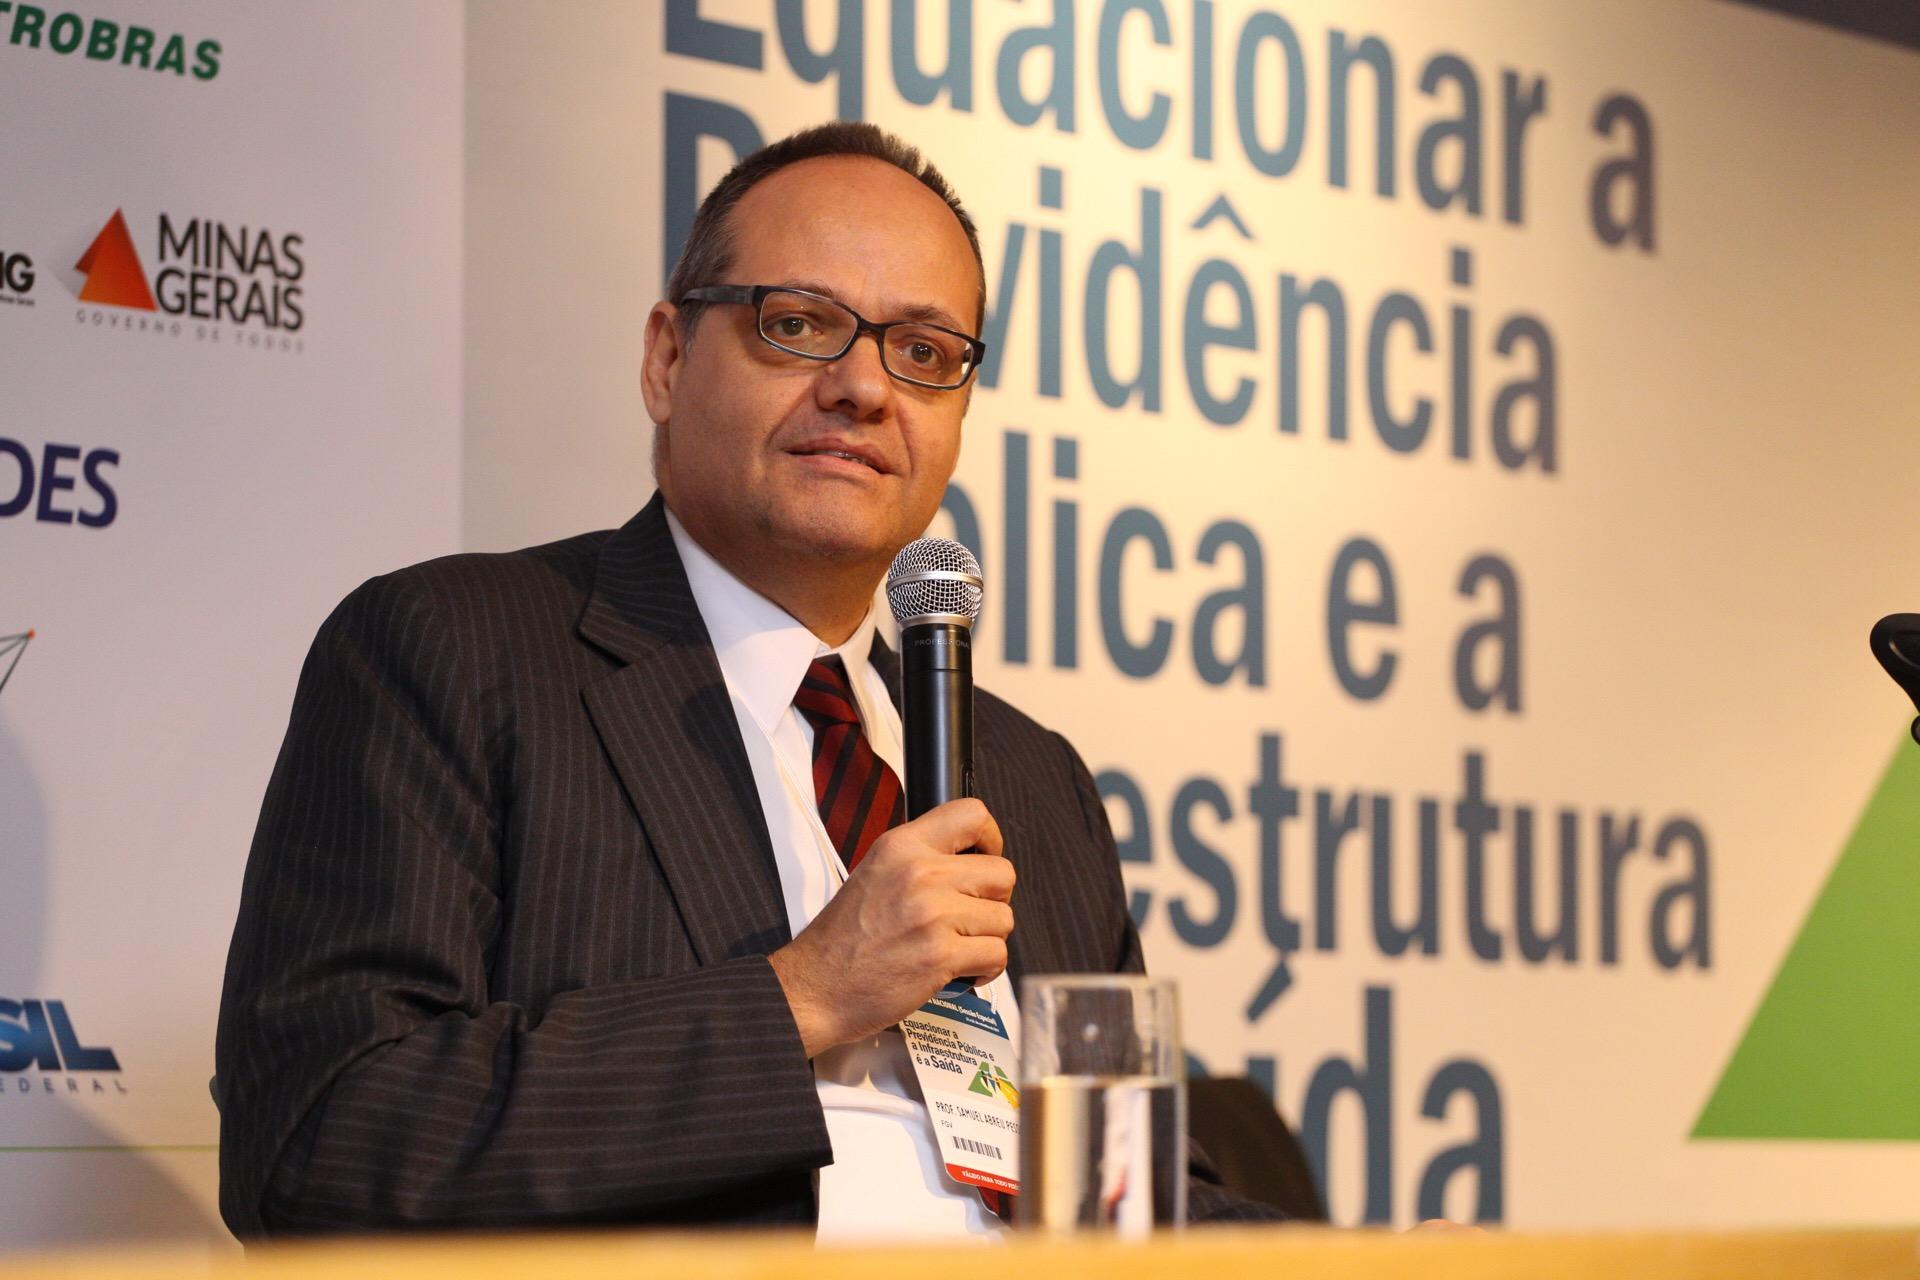 Culpas e desculpas pela destruição do ajuste fiscal - Forum Nacional -  INAEForum Nacional – INAE Lava Jato